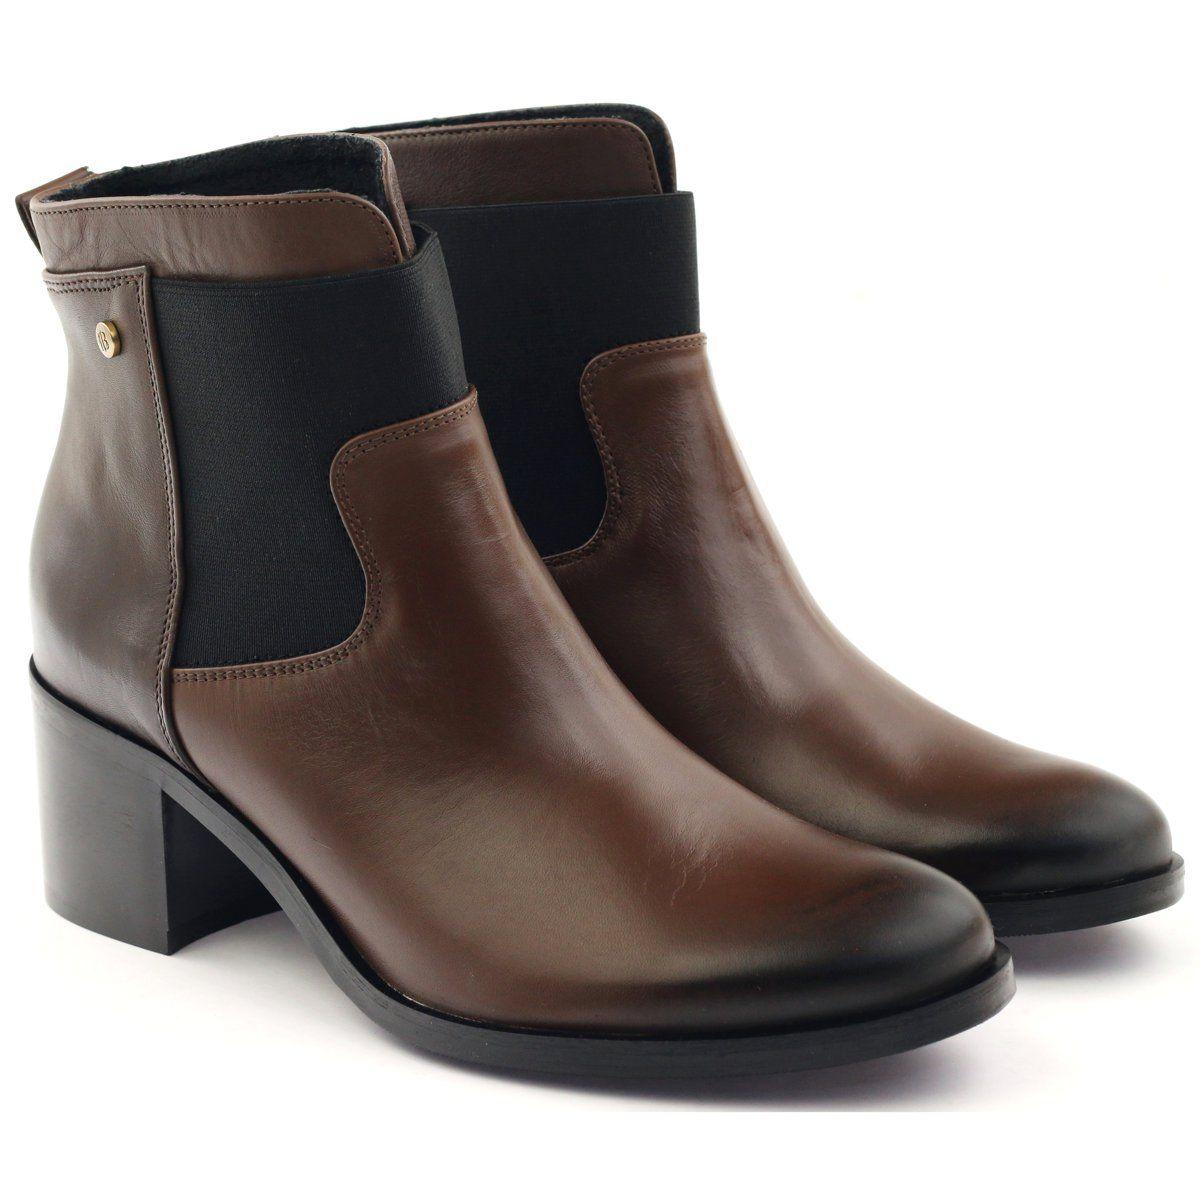 Botki Damskie Badura Czarne Botki Zimowe Brazowe Badura 7691 Chelsea Boots Boots Shoes